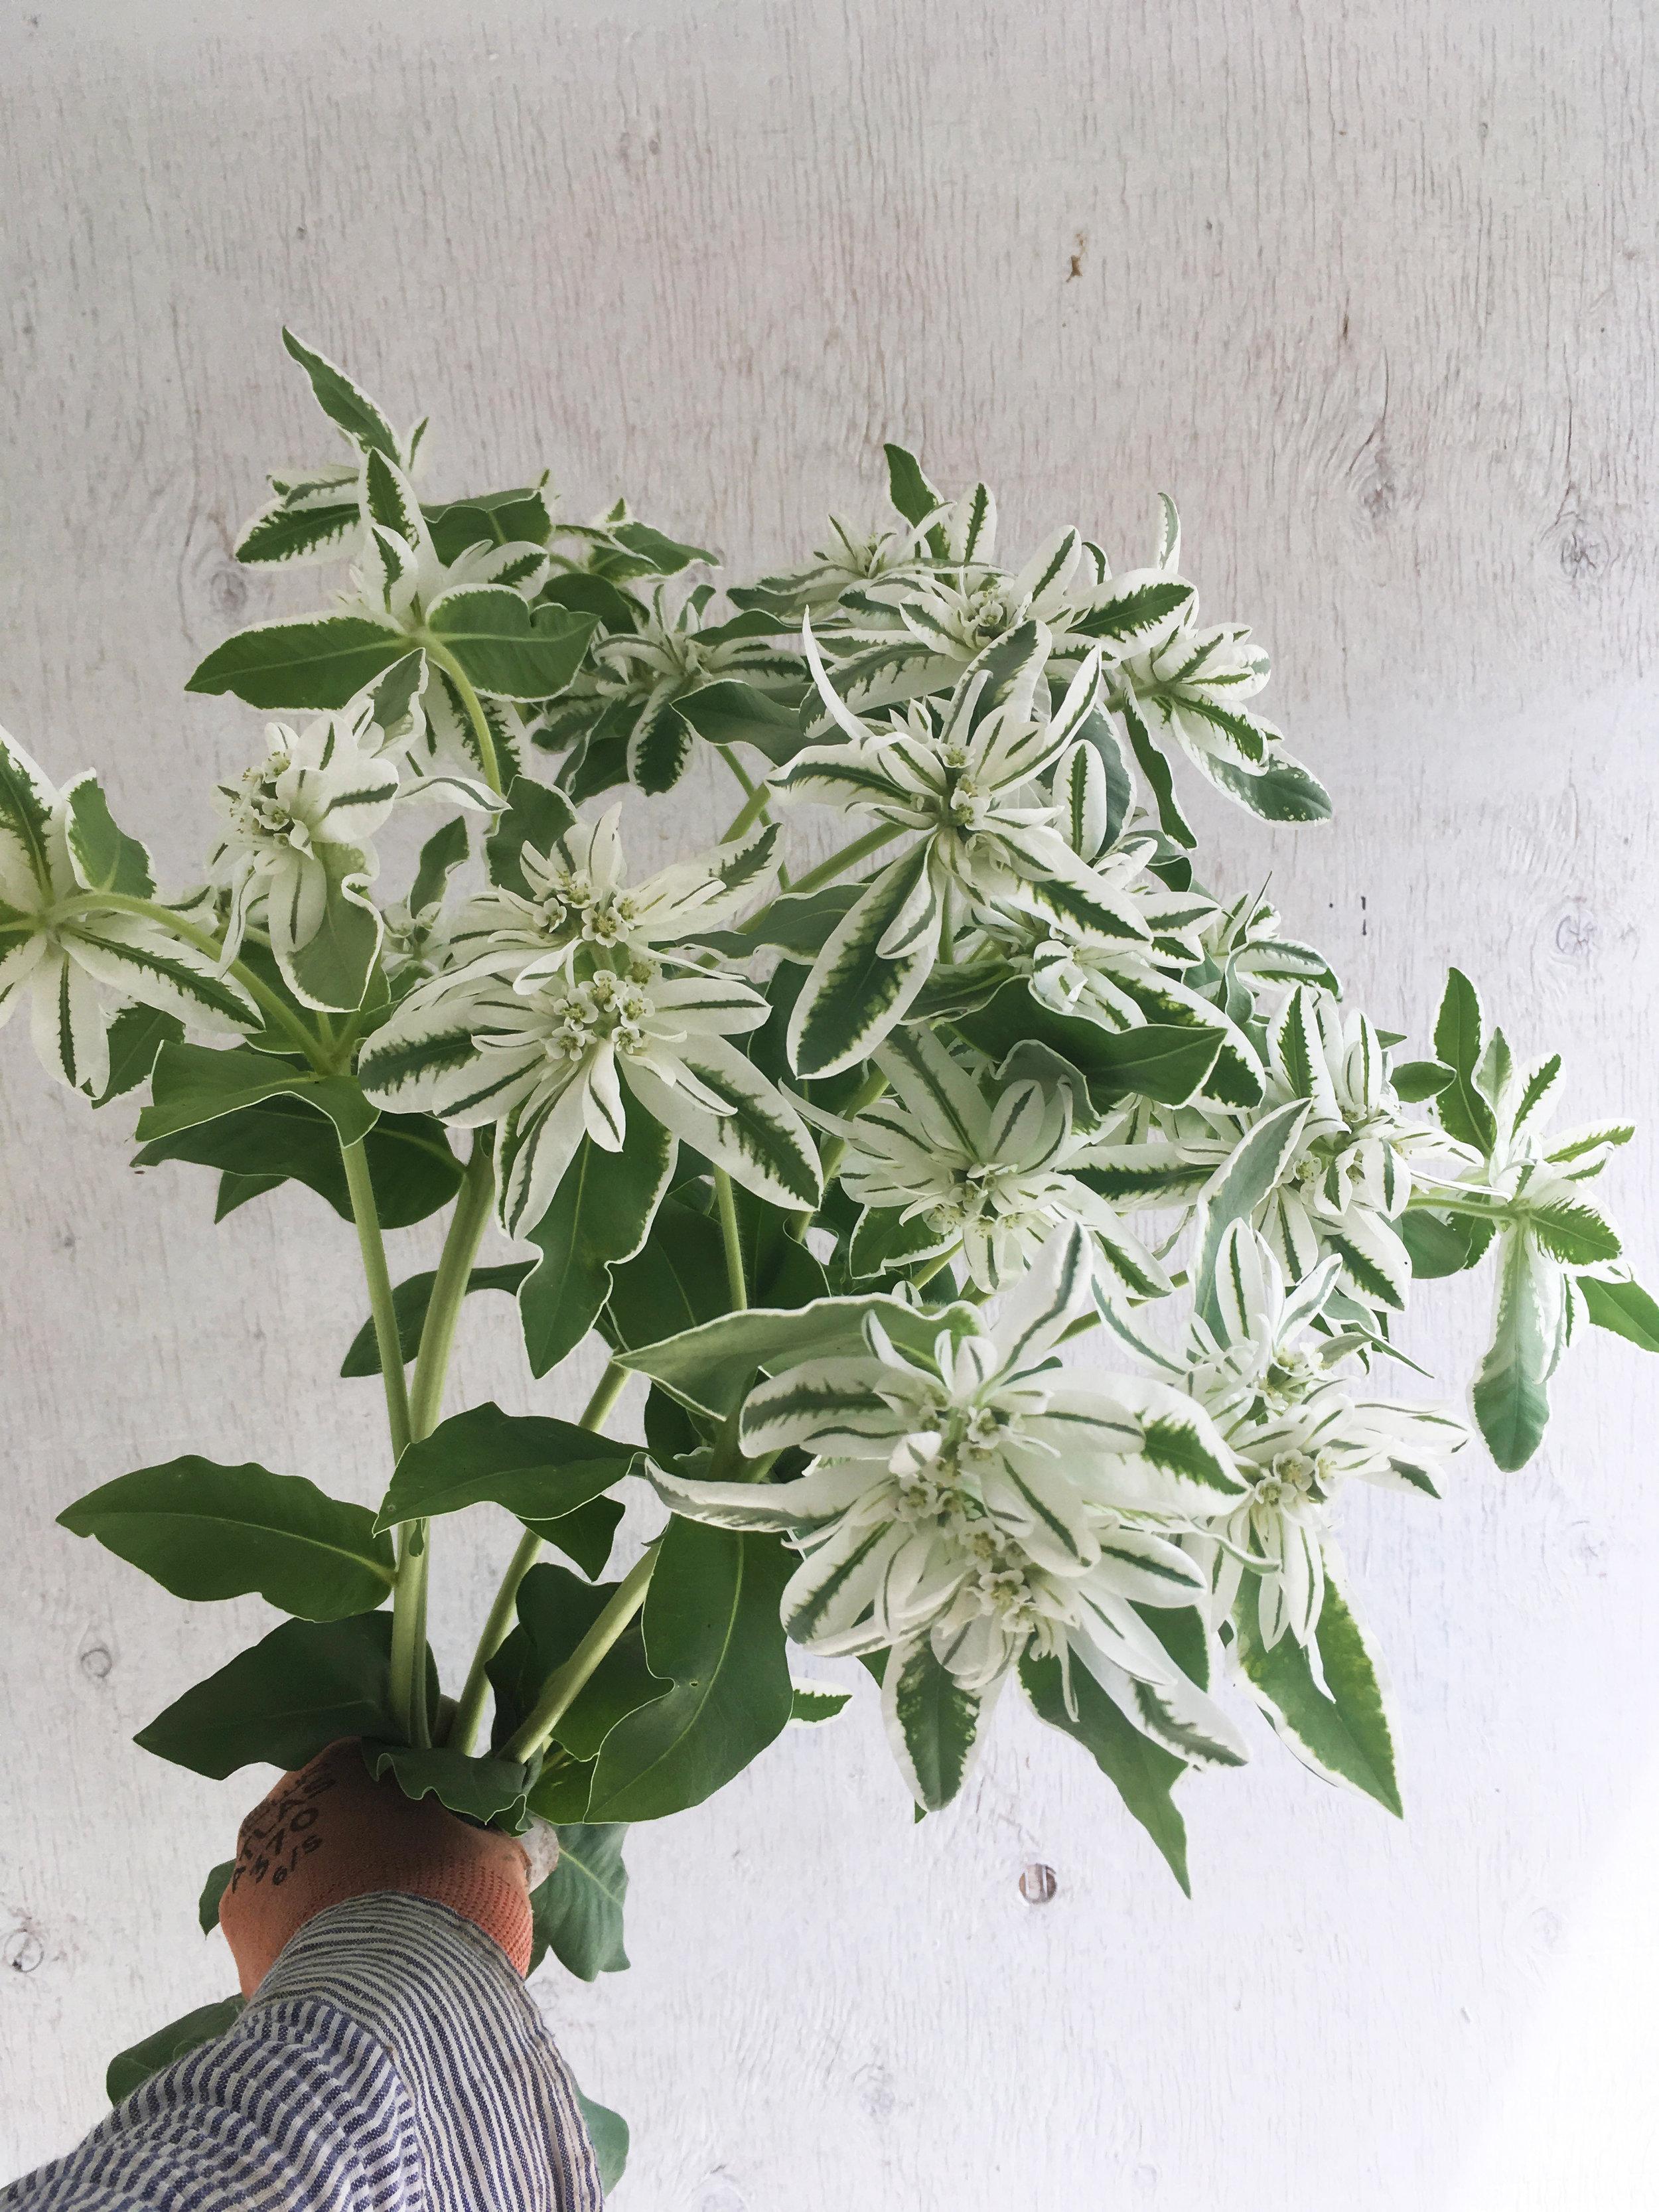 Euphorbia - Snow on the Mountain